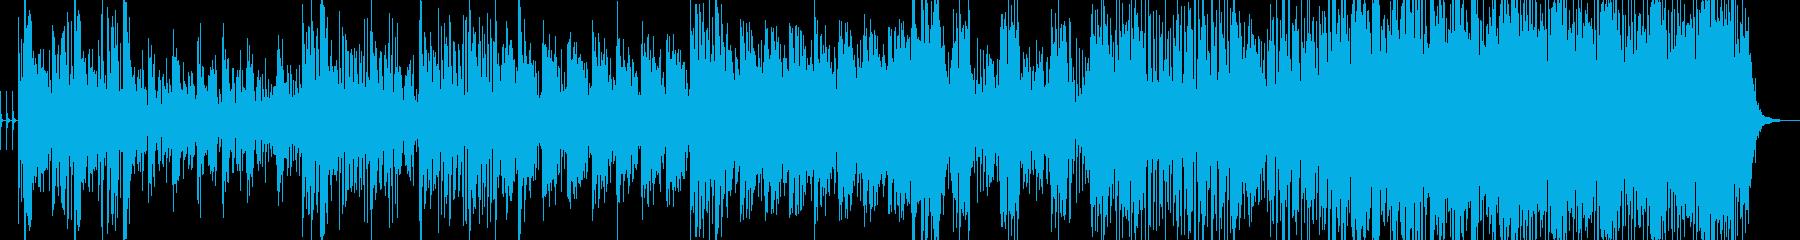 ジャズの要素が入ったドラムンベースの再生済みの波形